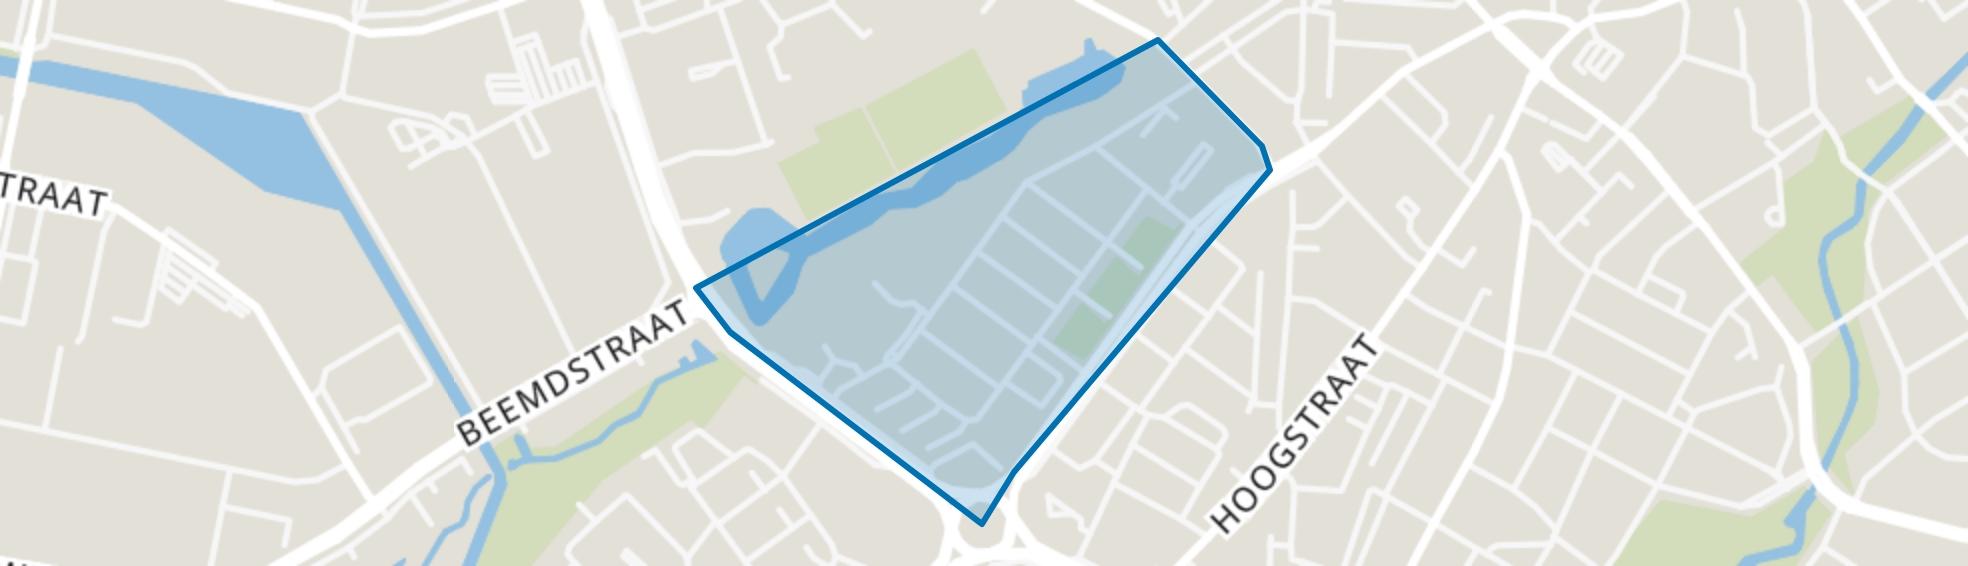 Hagenkamp, Eindhoven map